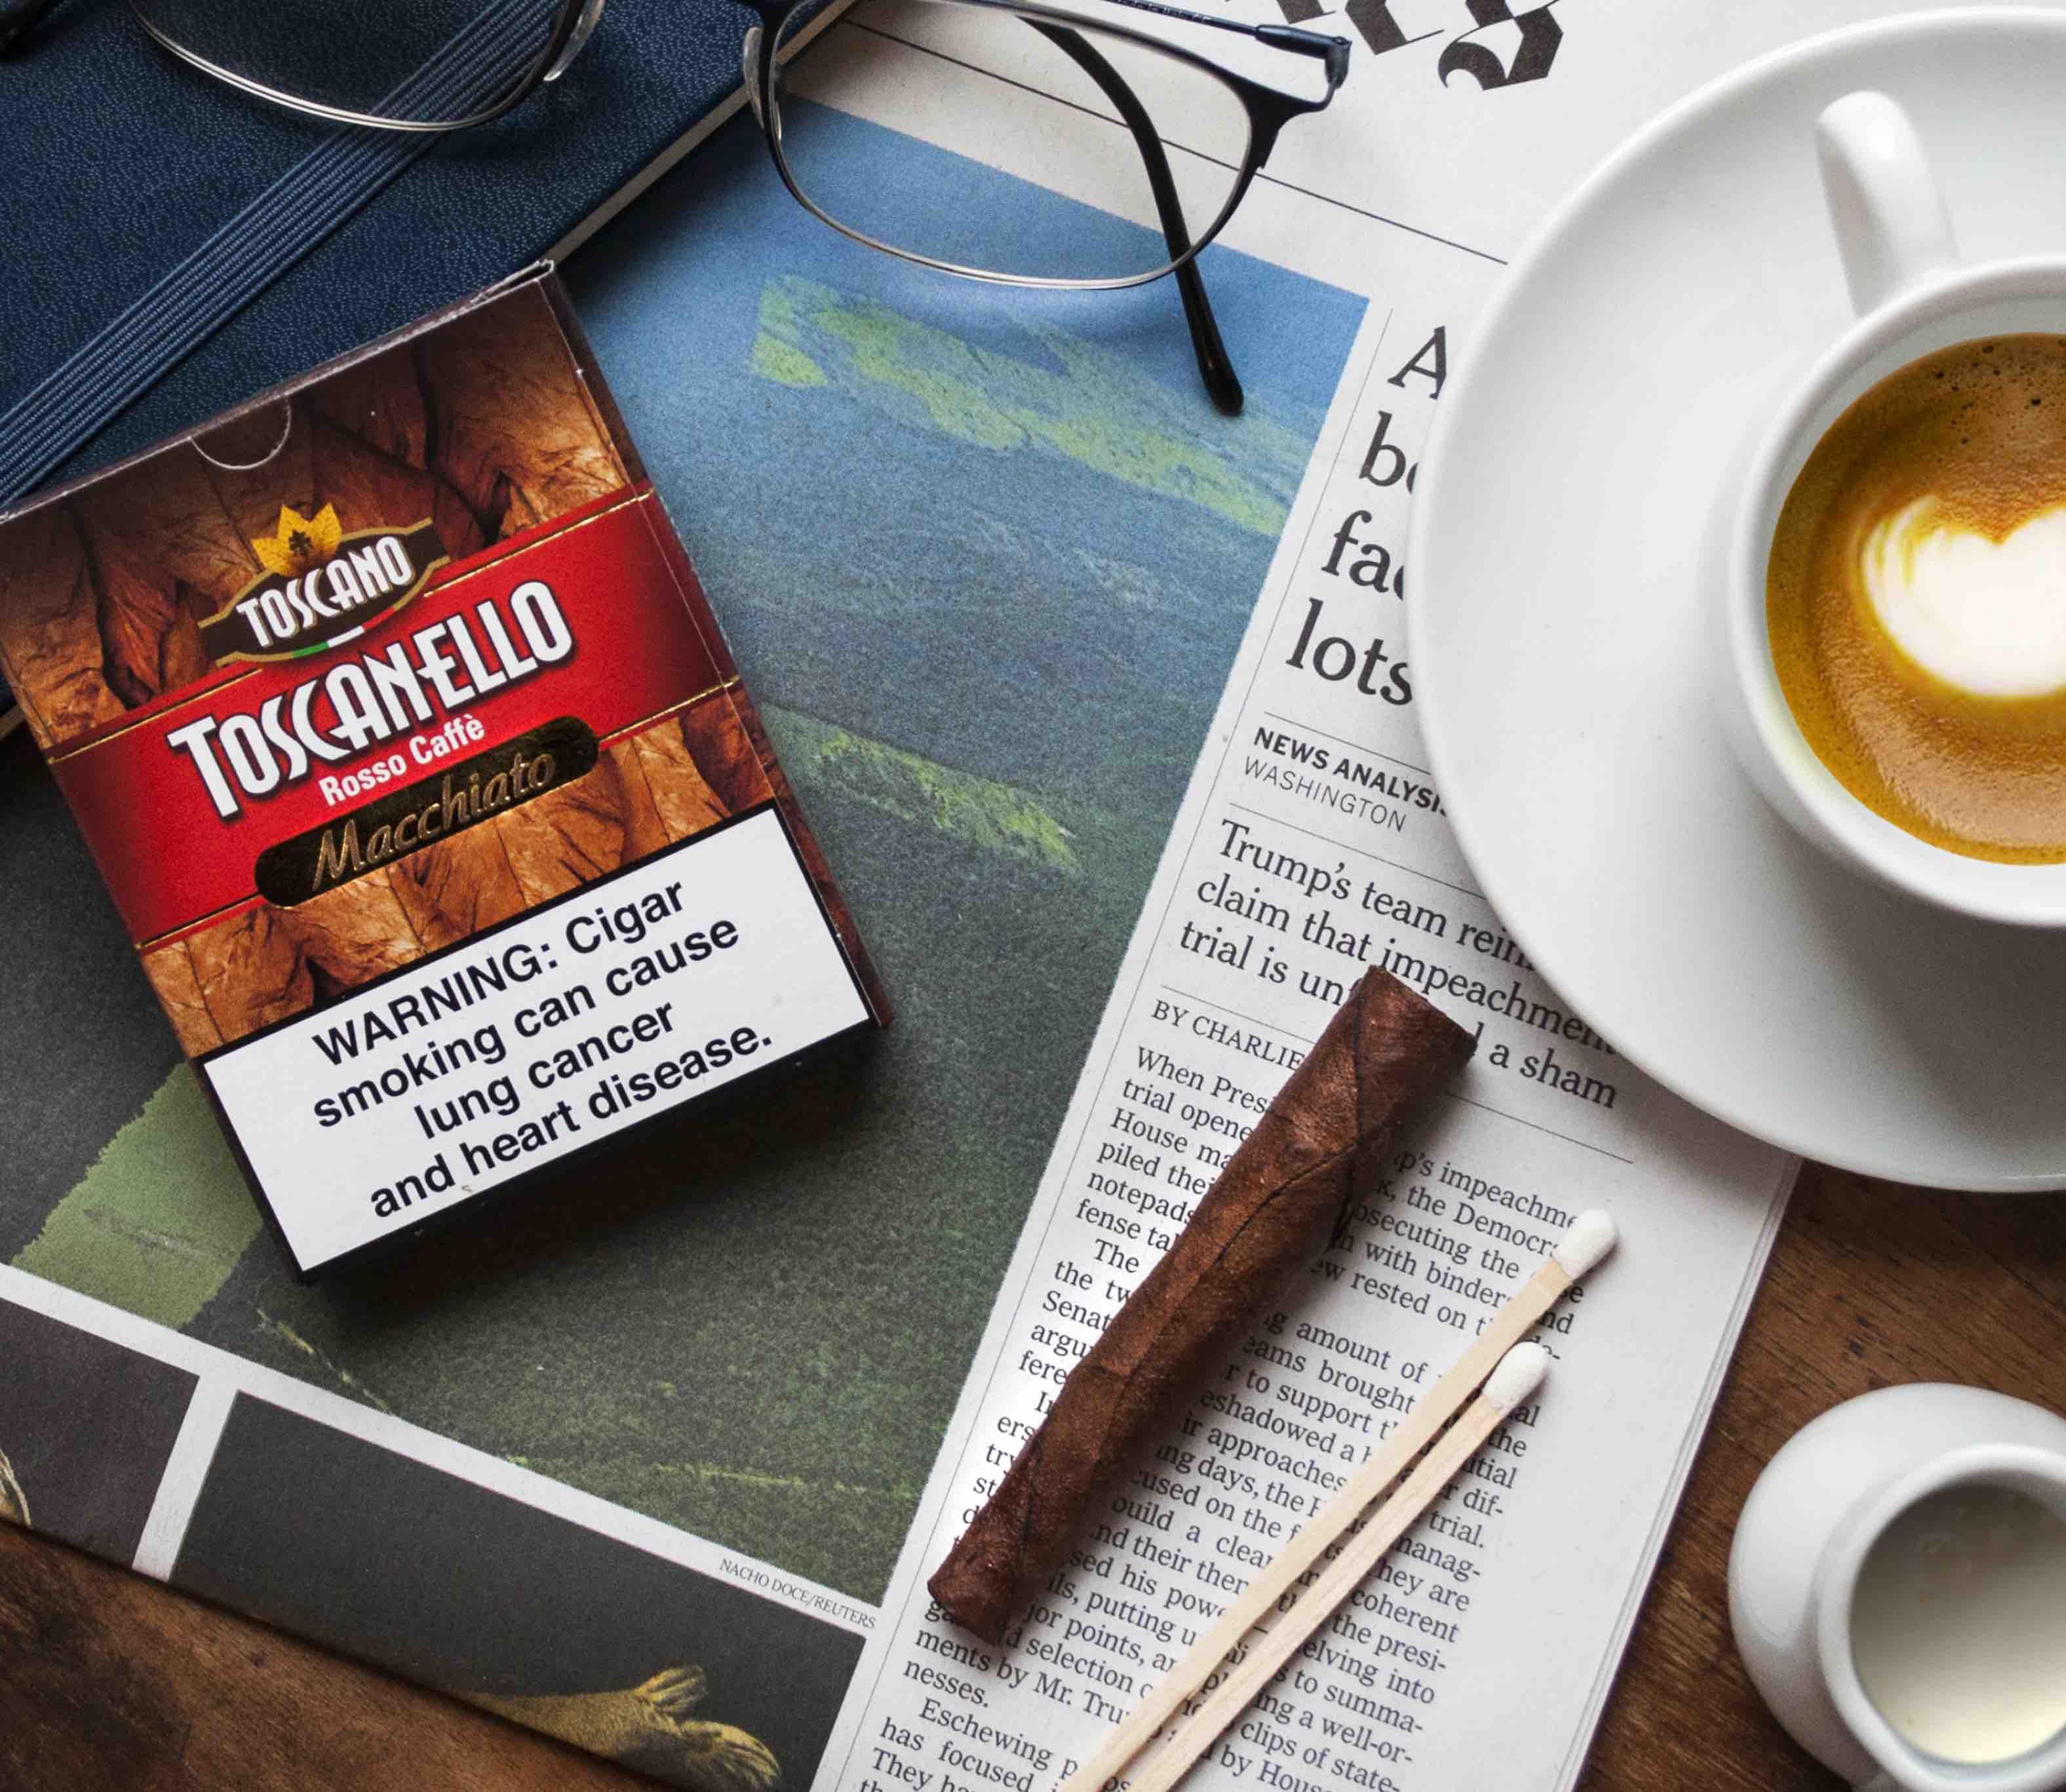 Cigar News: Toscano Launches Toscanello Rosso Caffè Macchiato for U.S. Market